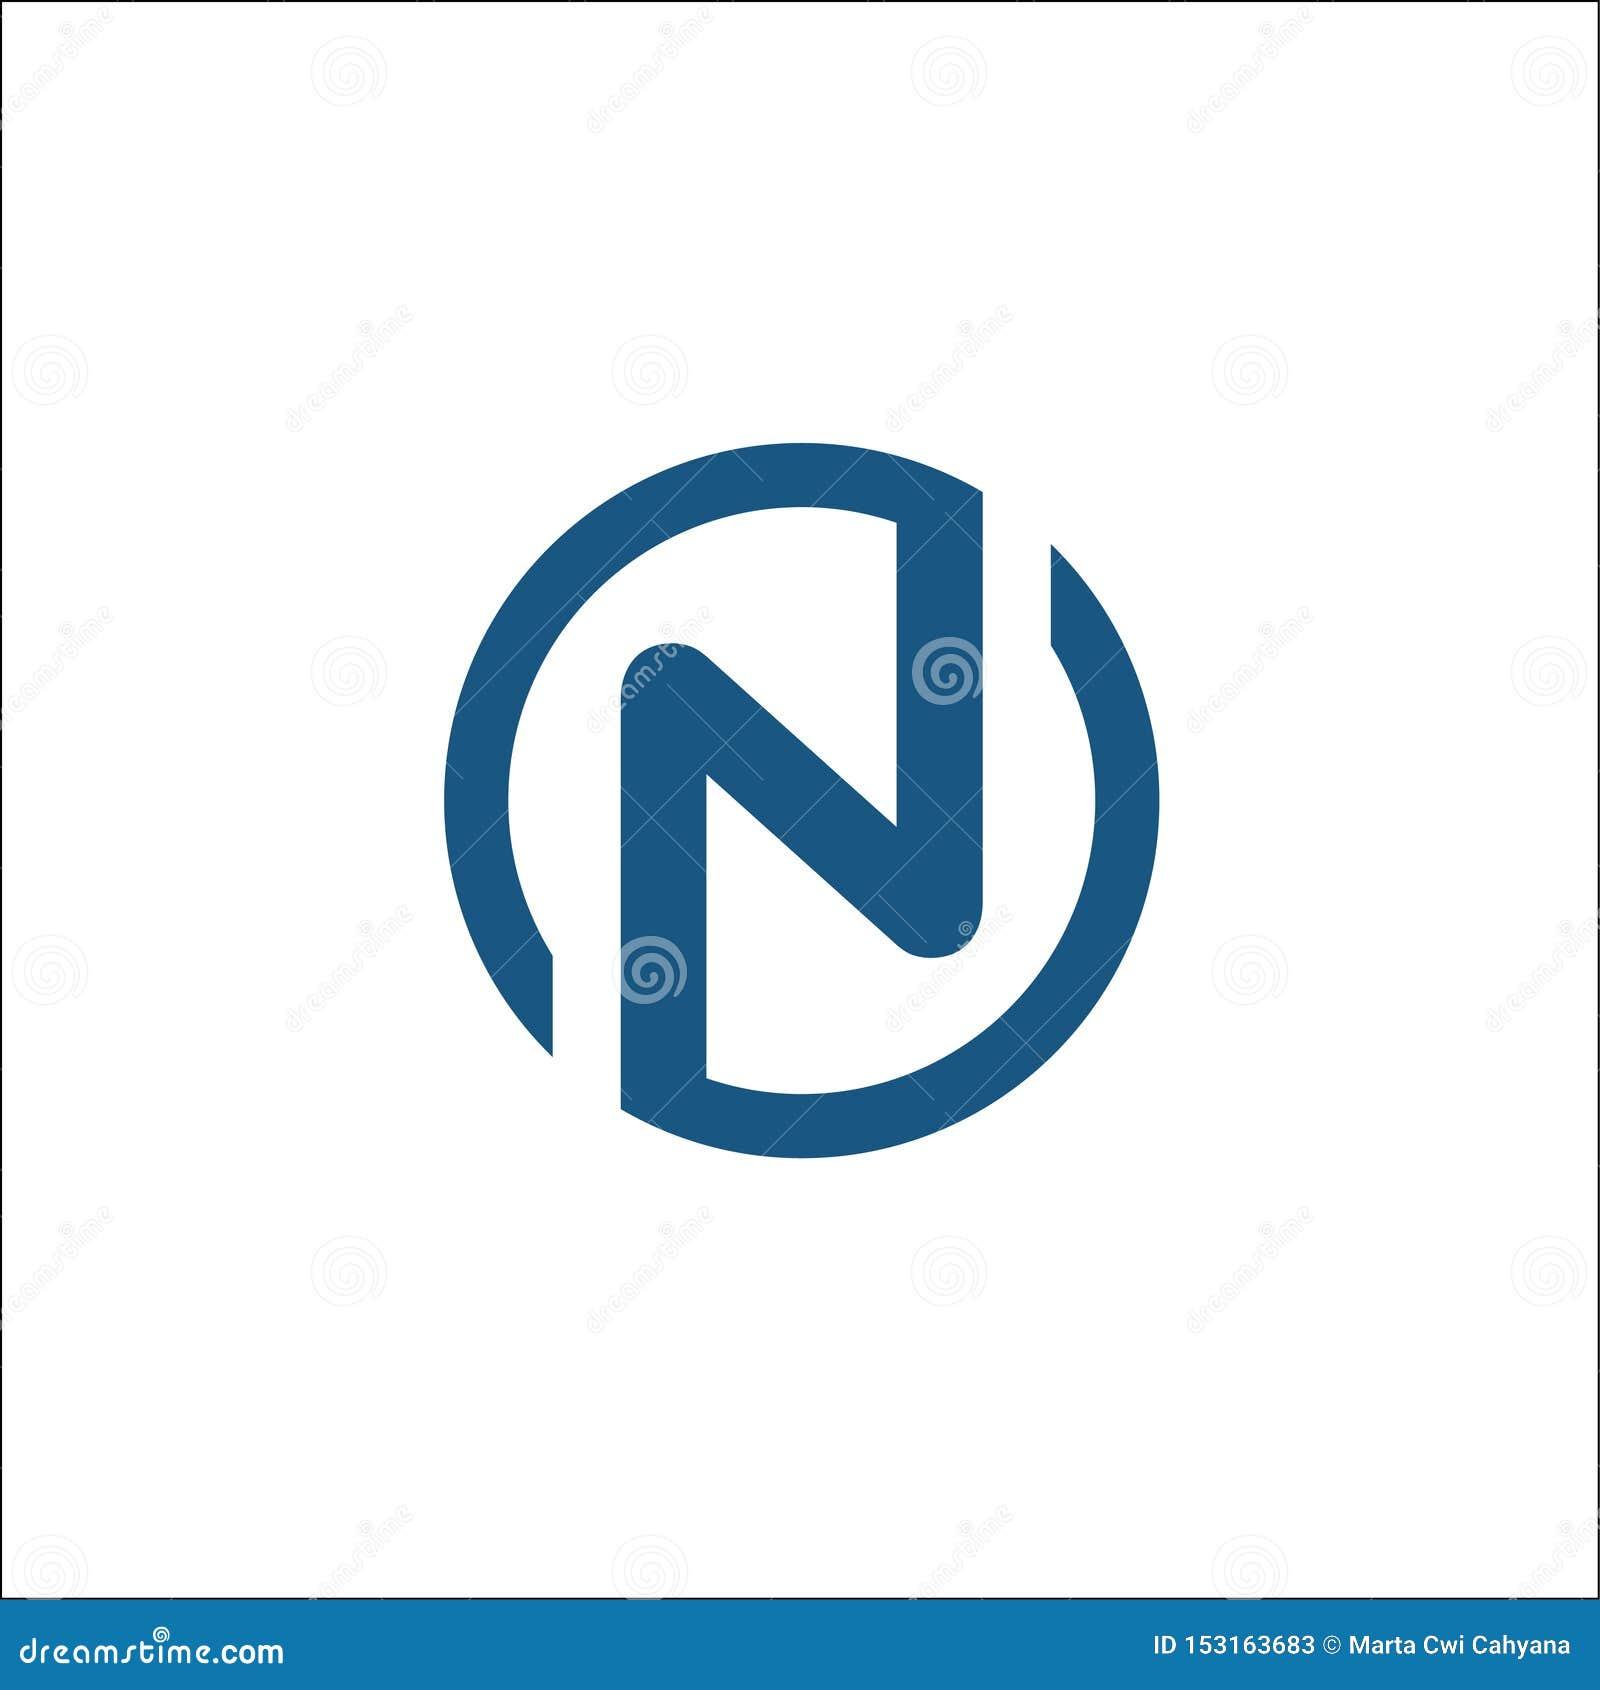 Αρχικά διανυσματικό πρότυπο λογότυπων κύκλων Ν, κύκλος γραμμάτων Ν